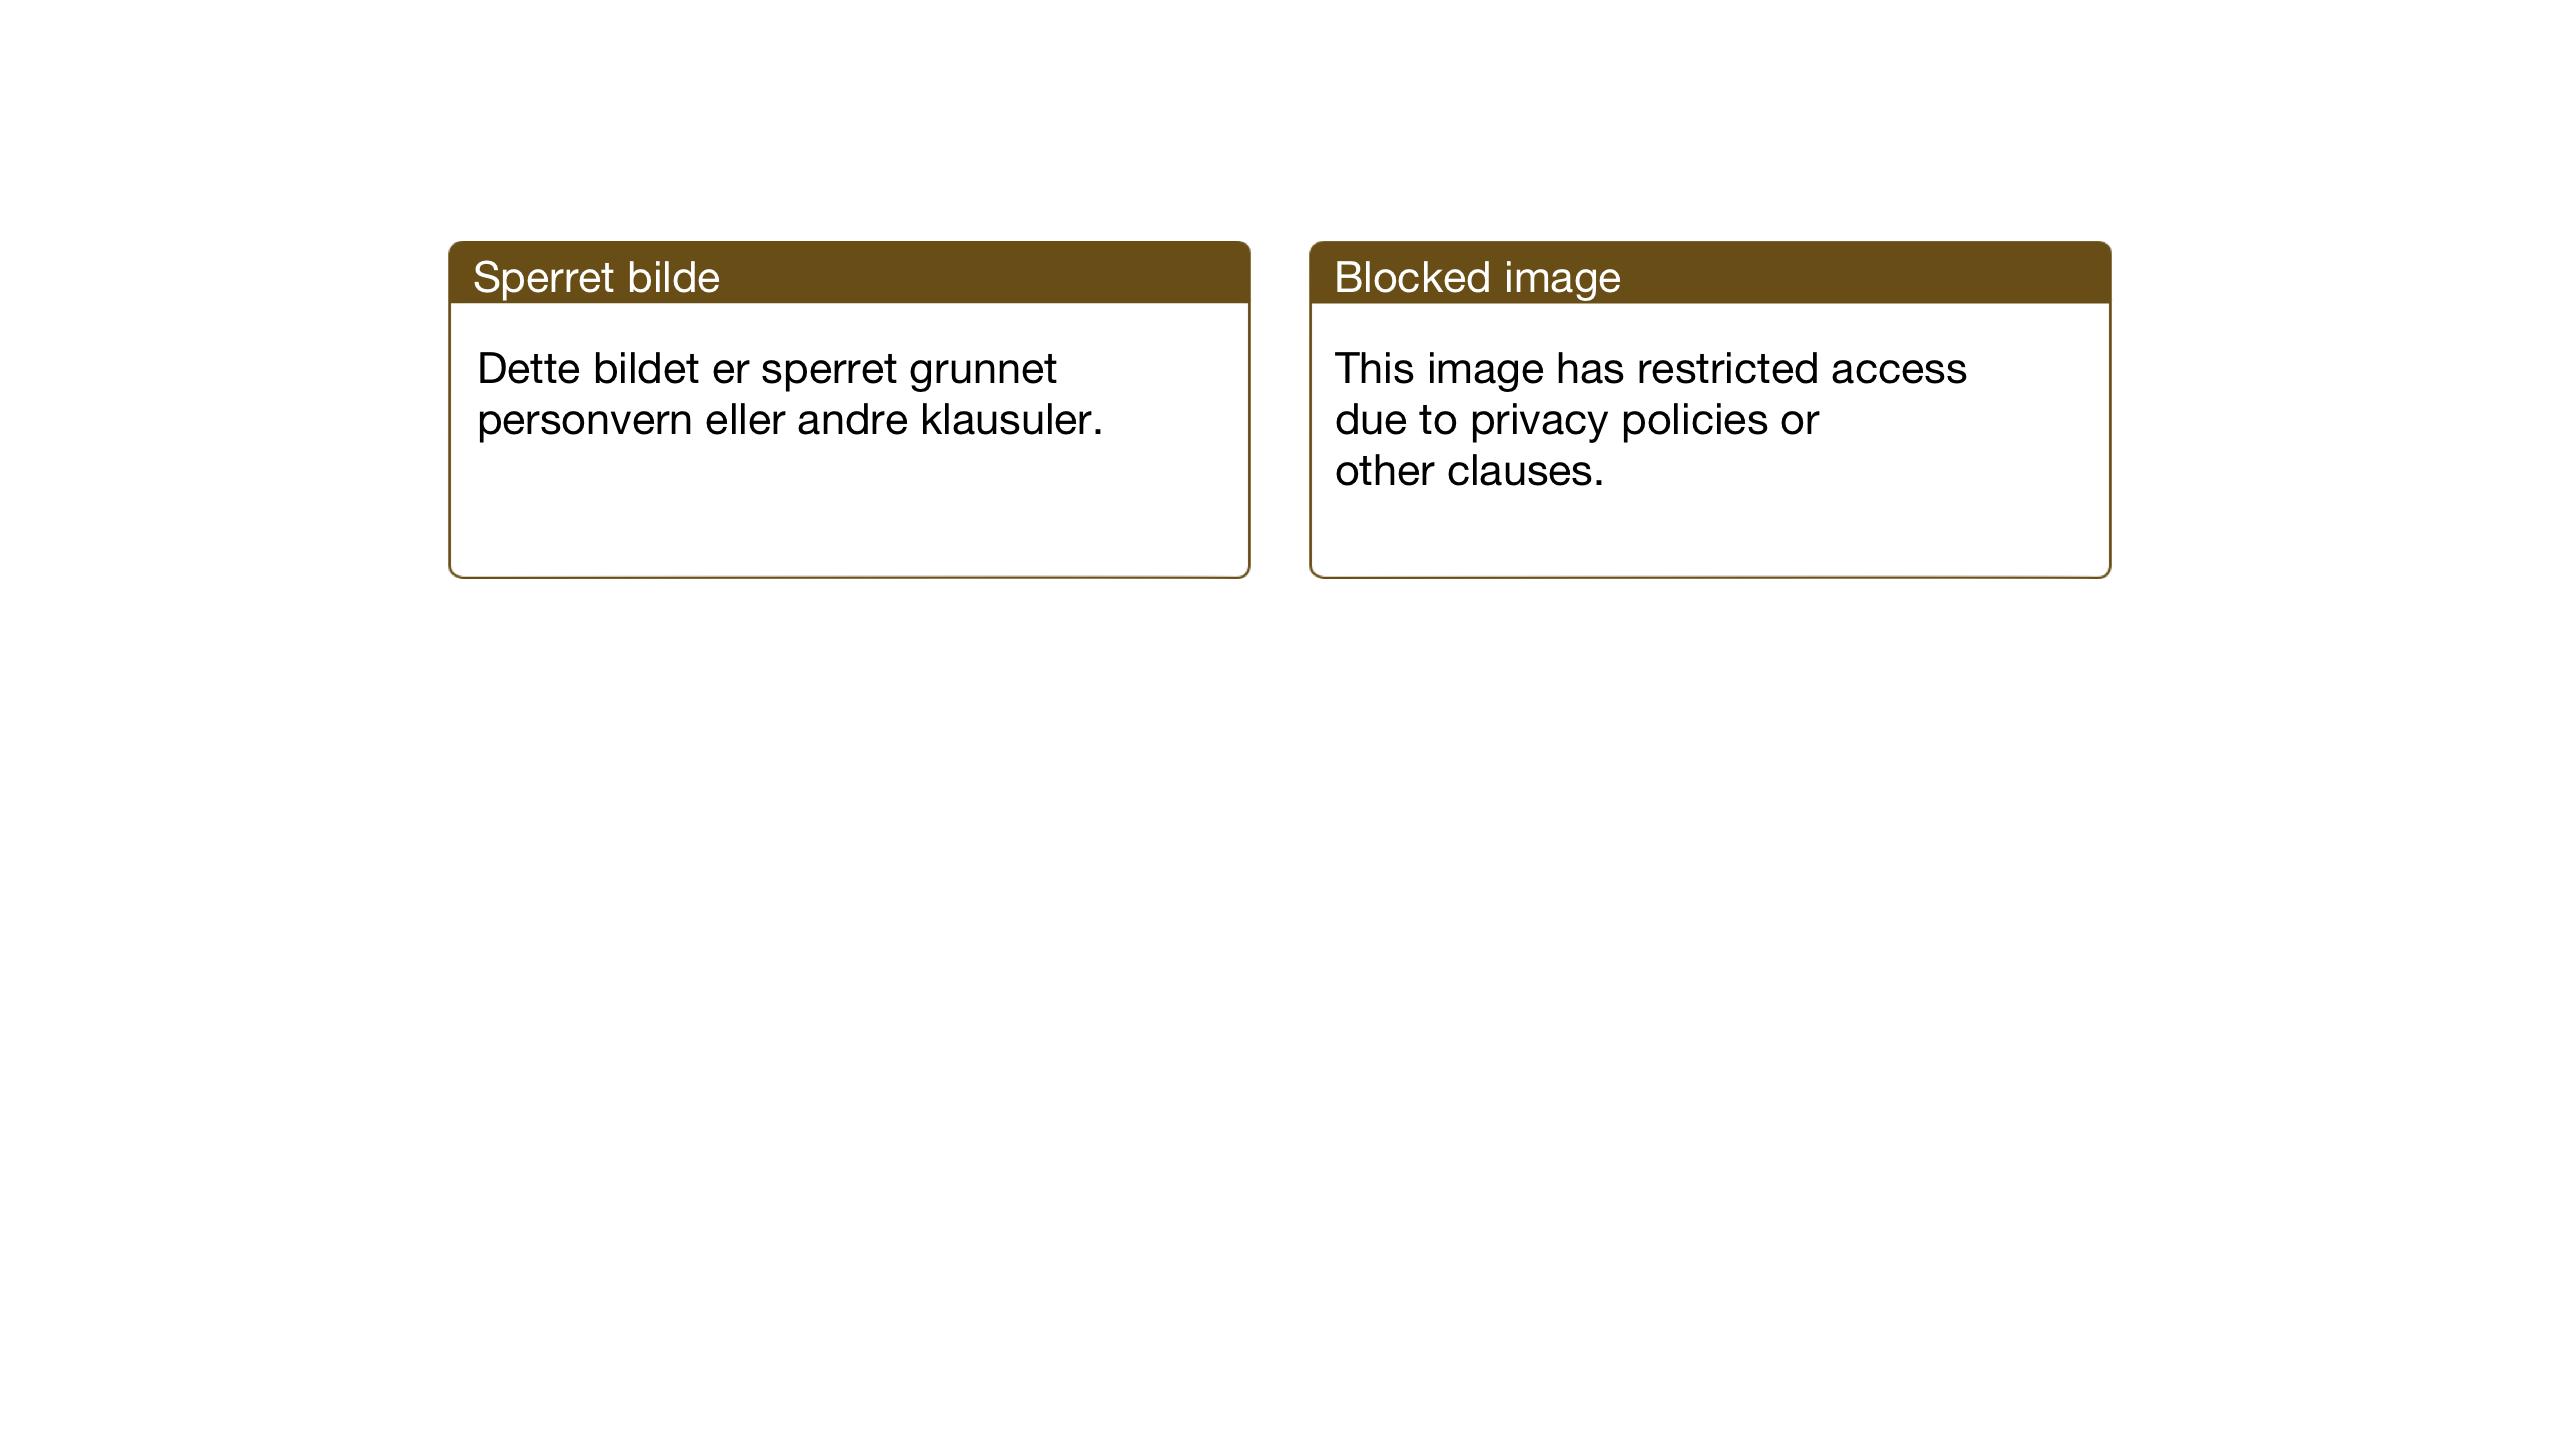 SAT, Ministerialprotokoller, klokkerbøker og fødselsregistre - Nord-Trøndelag, 768/L0583: Klokkerbok nr. 768C01, 1928-1953, s. 110